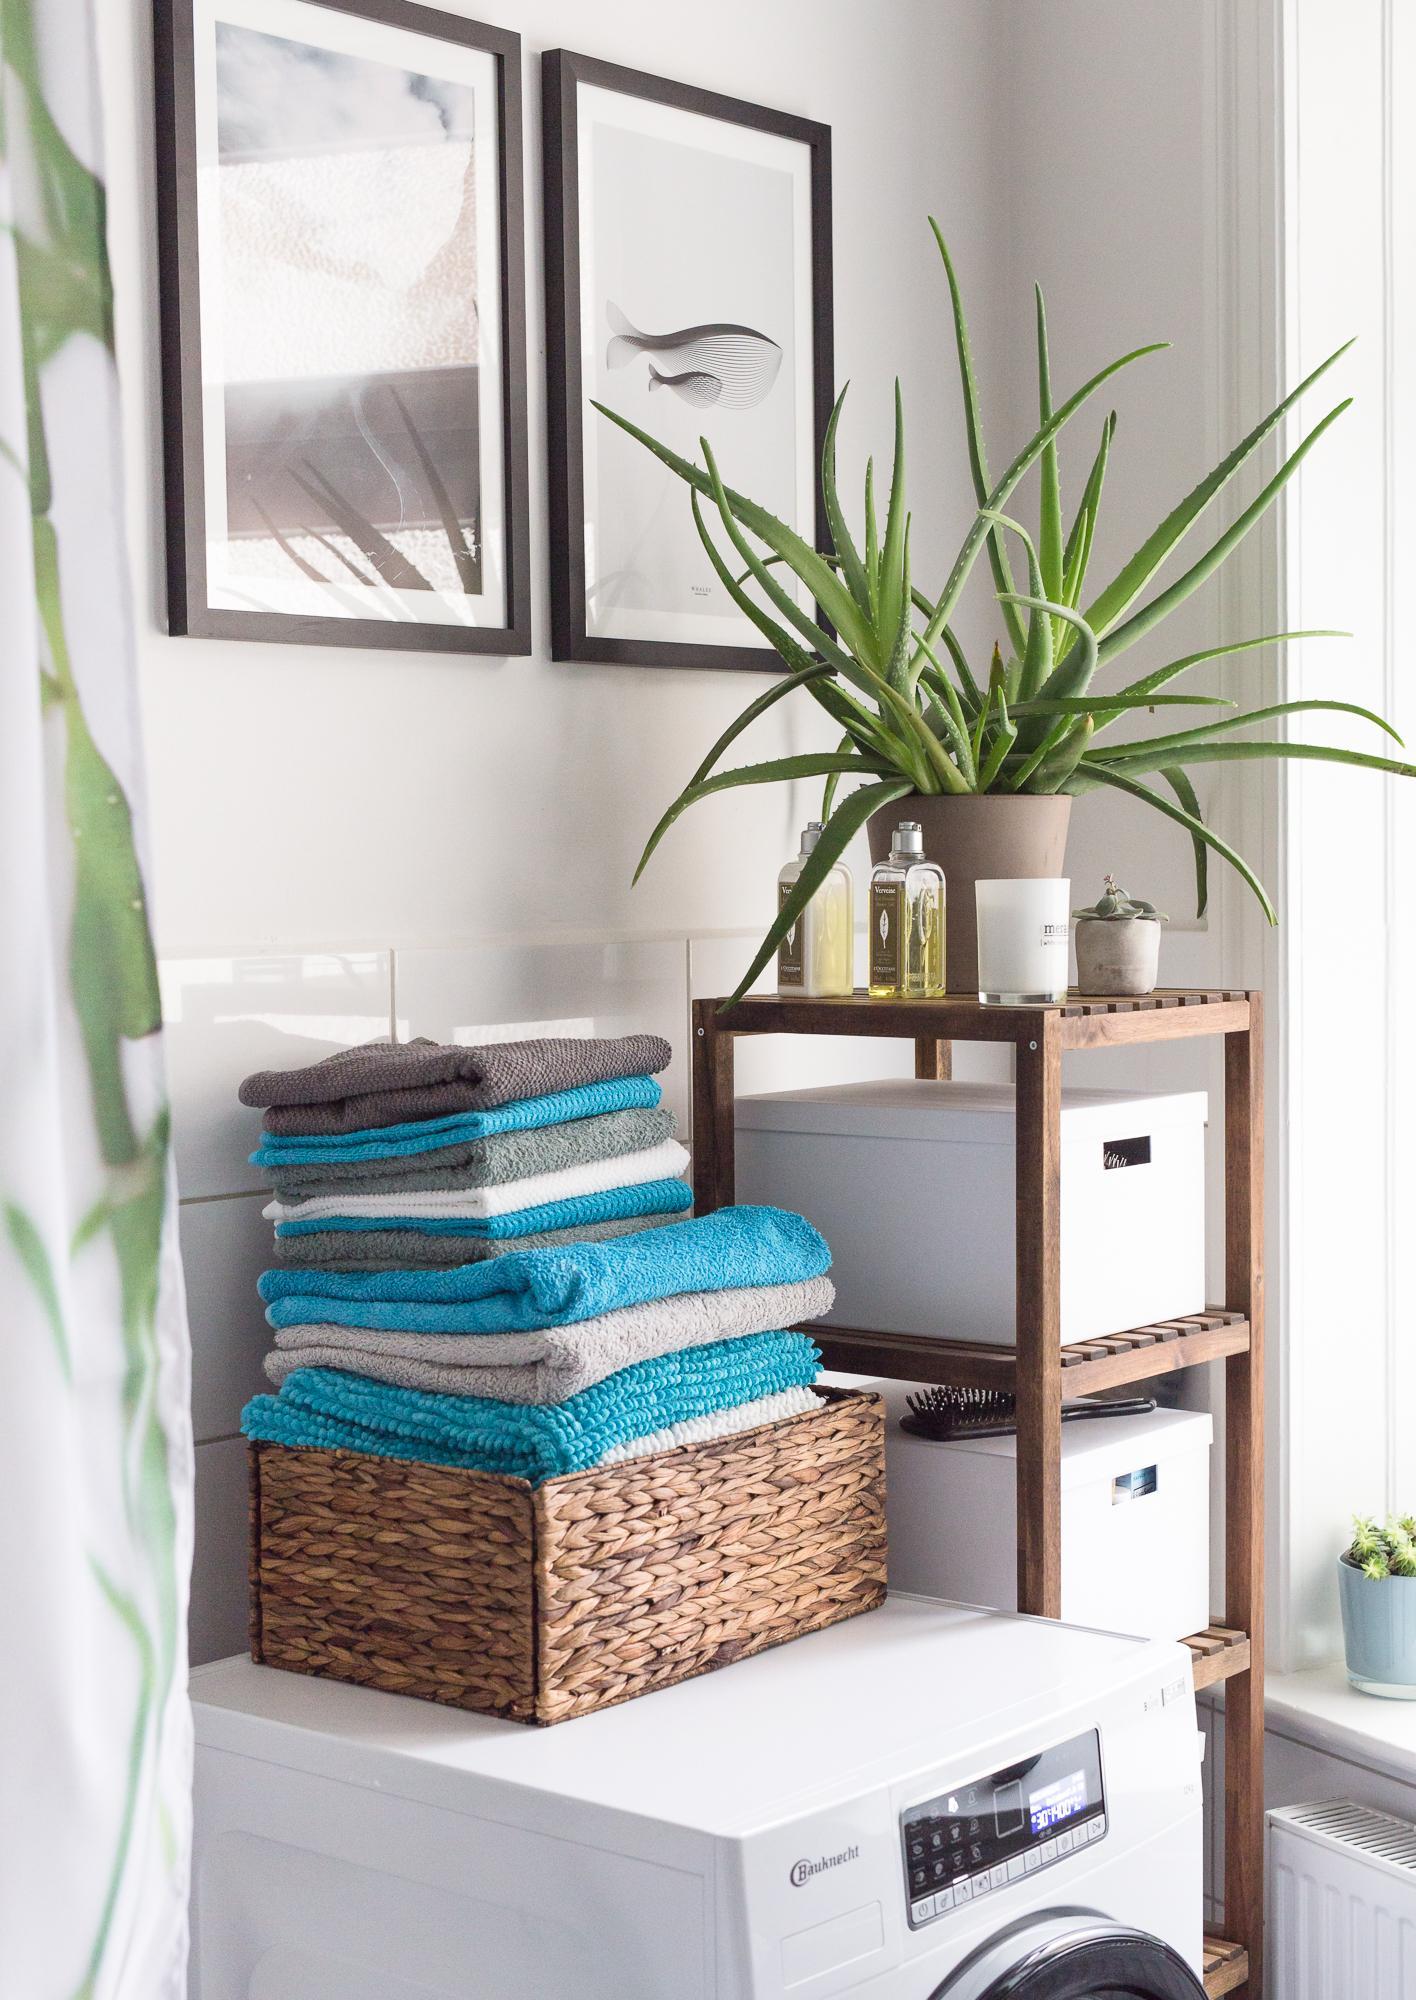 Schön Badezimmer Im Urban Jungle Style. #bad #gruen #sowohneich #meincouchstyle  #designerbad